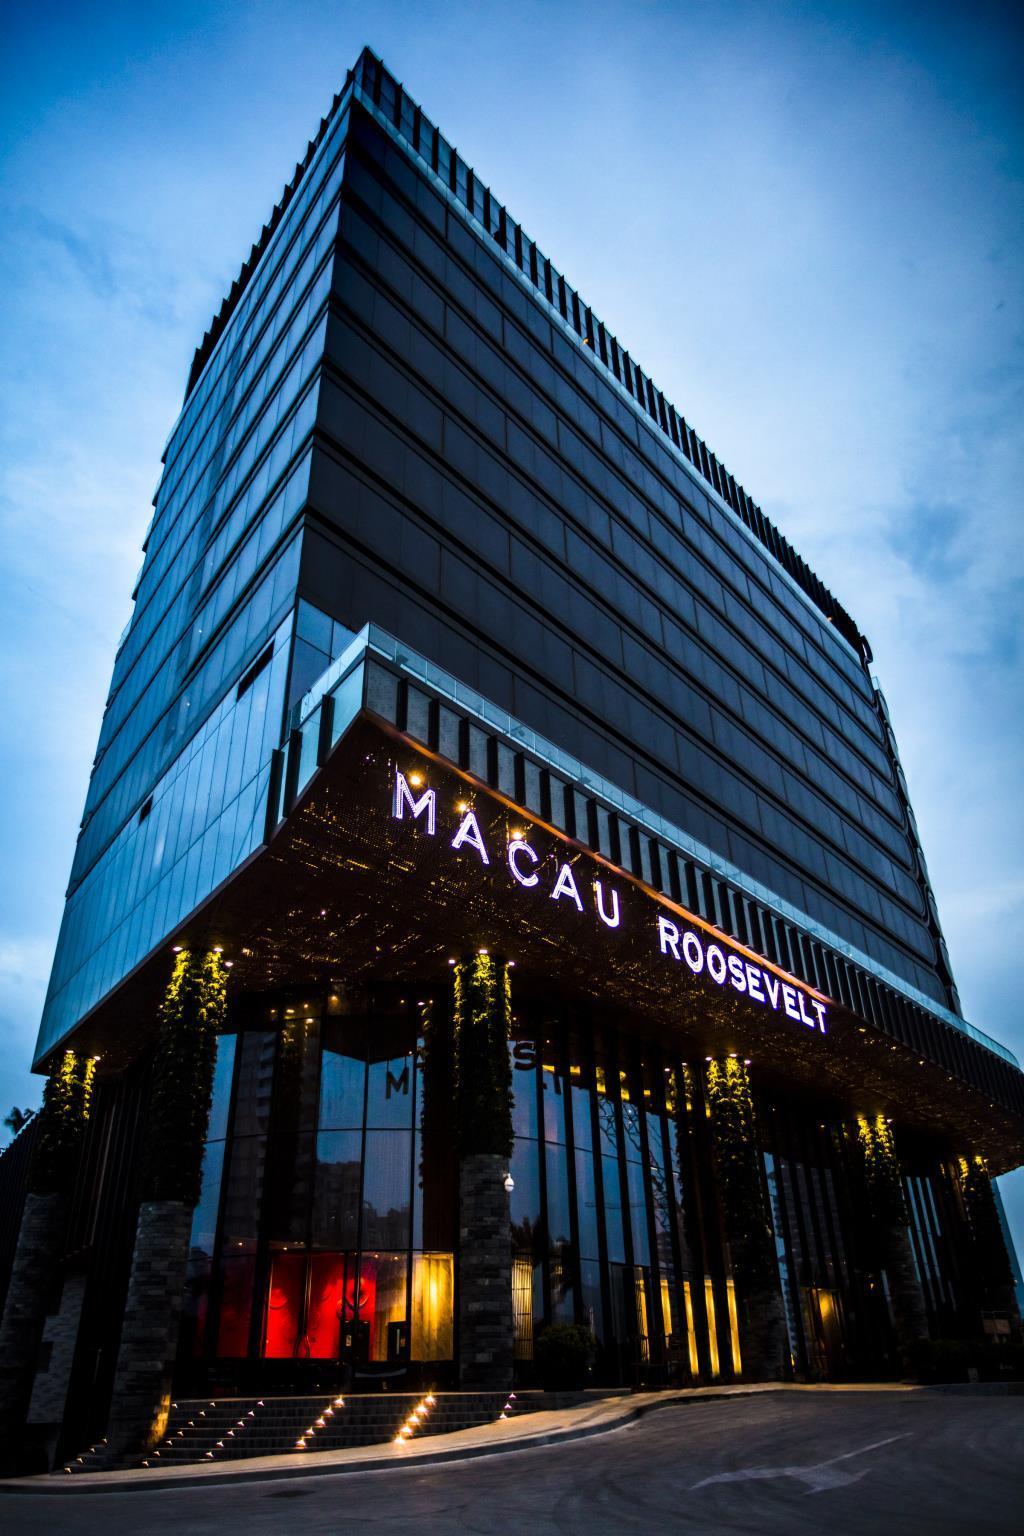 The Macau Roosevelt, Nossa Senhora do Carmo